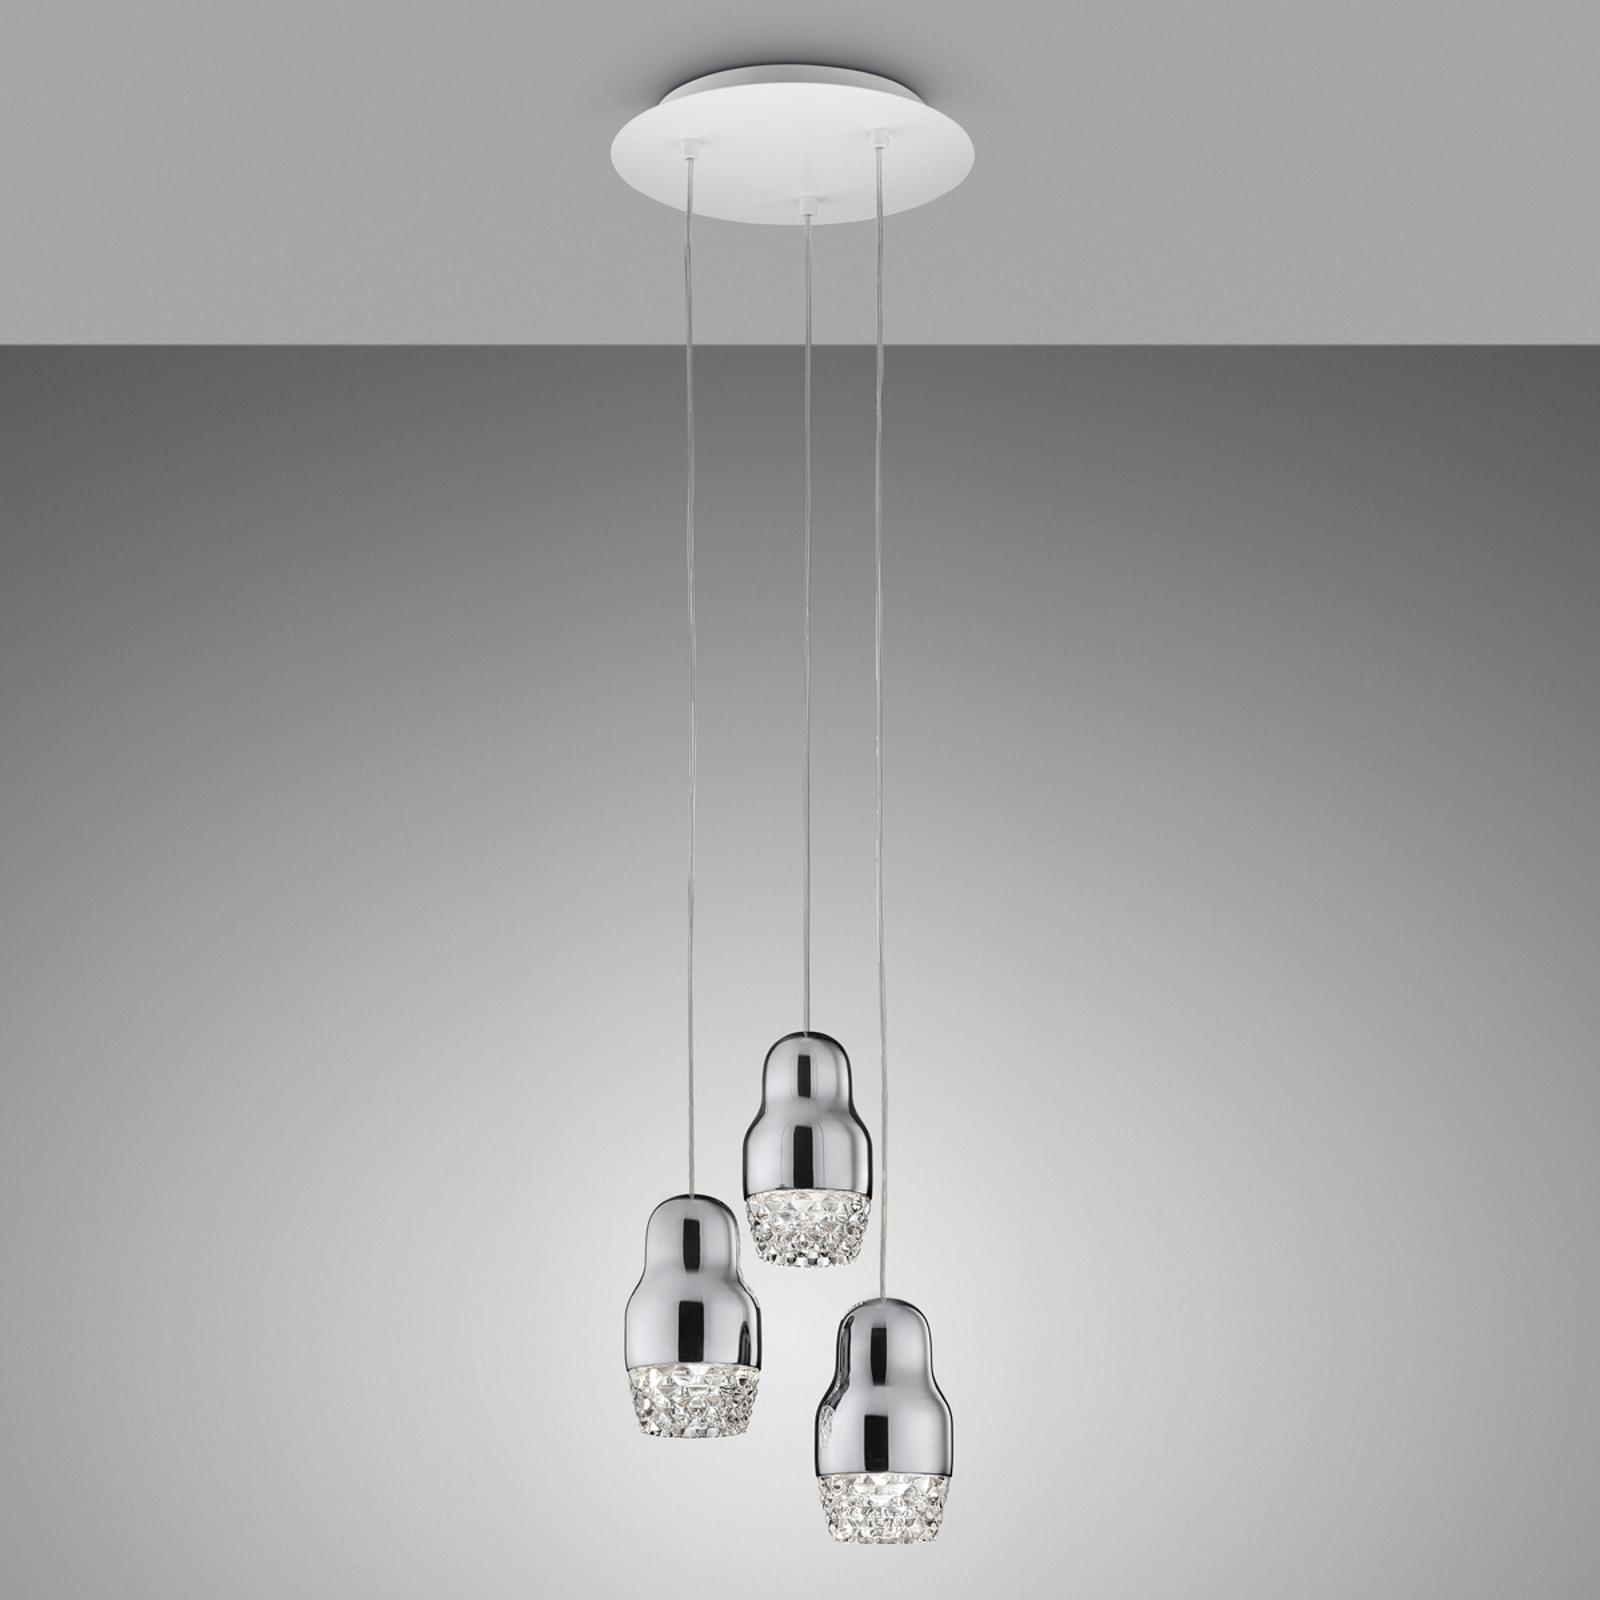 Lampada a sospensione LED Fedora 3 luci cromo